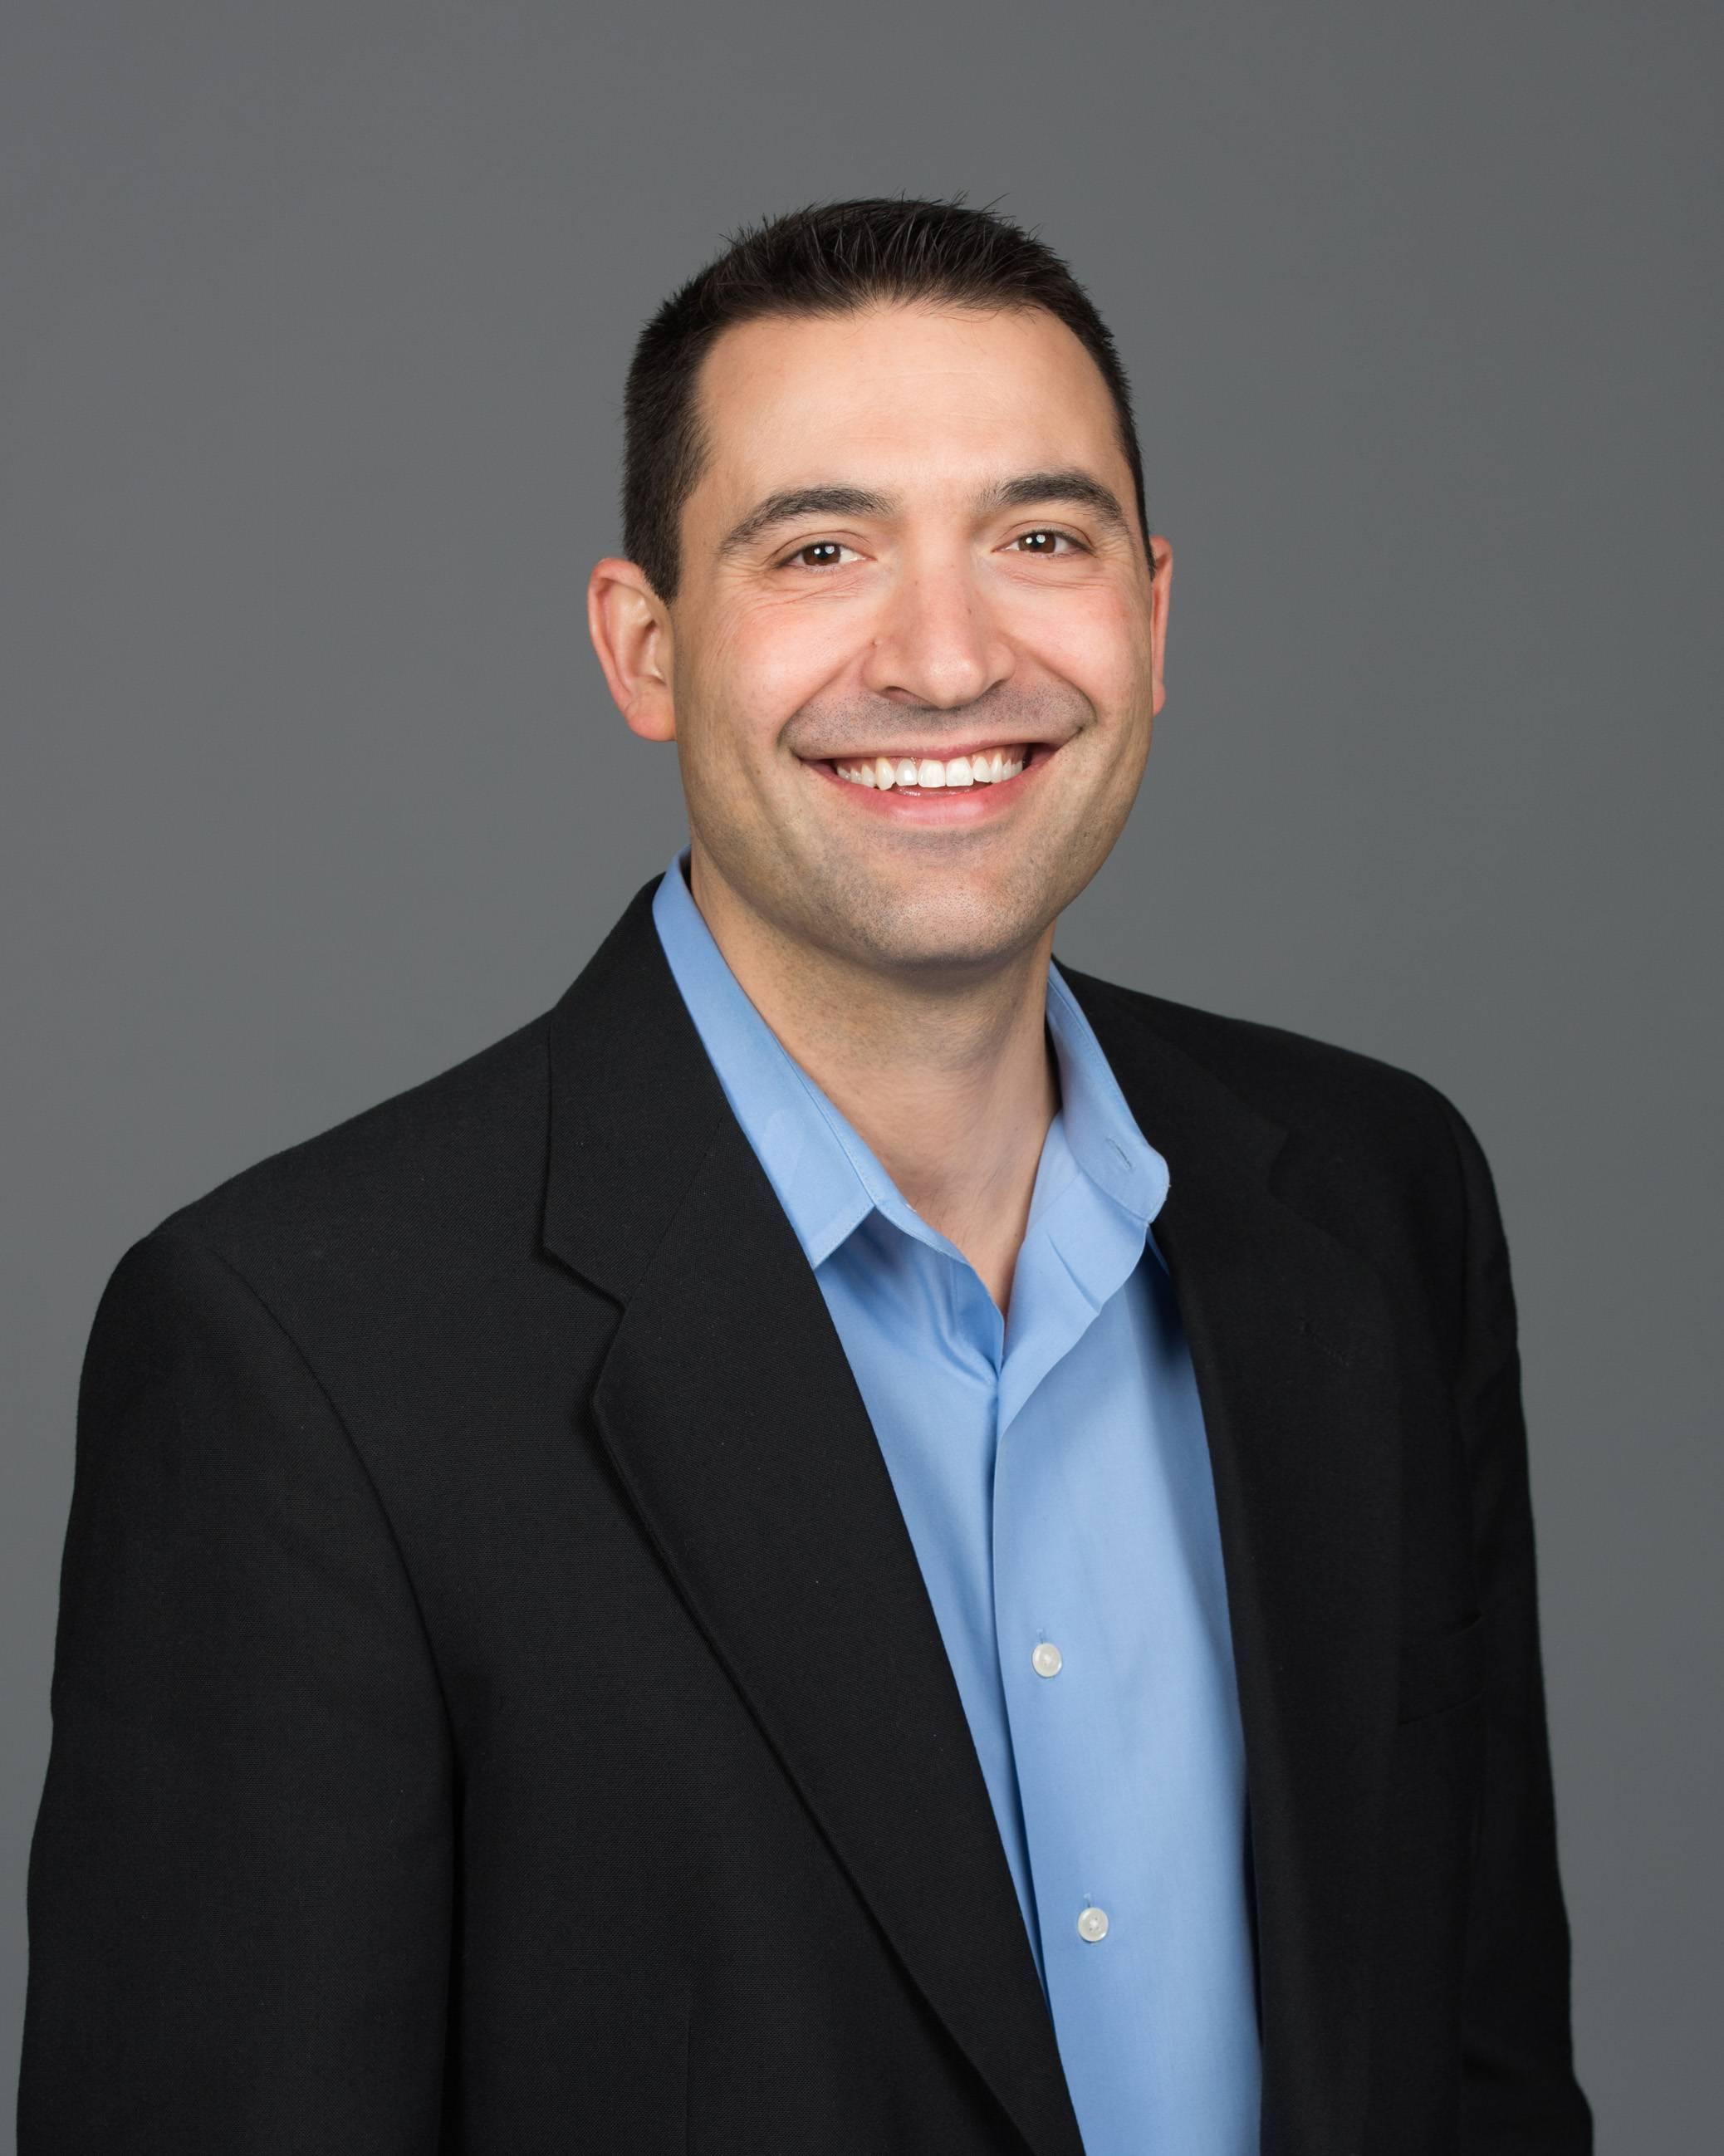 Picture of Jacob Kleehamer, Finance Director